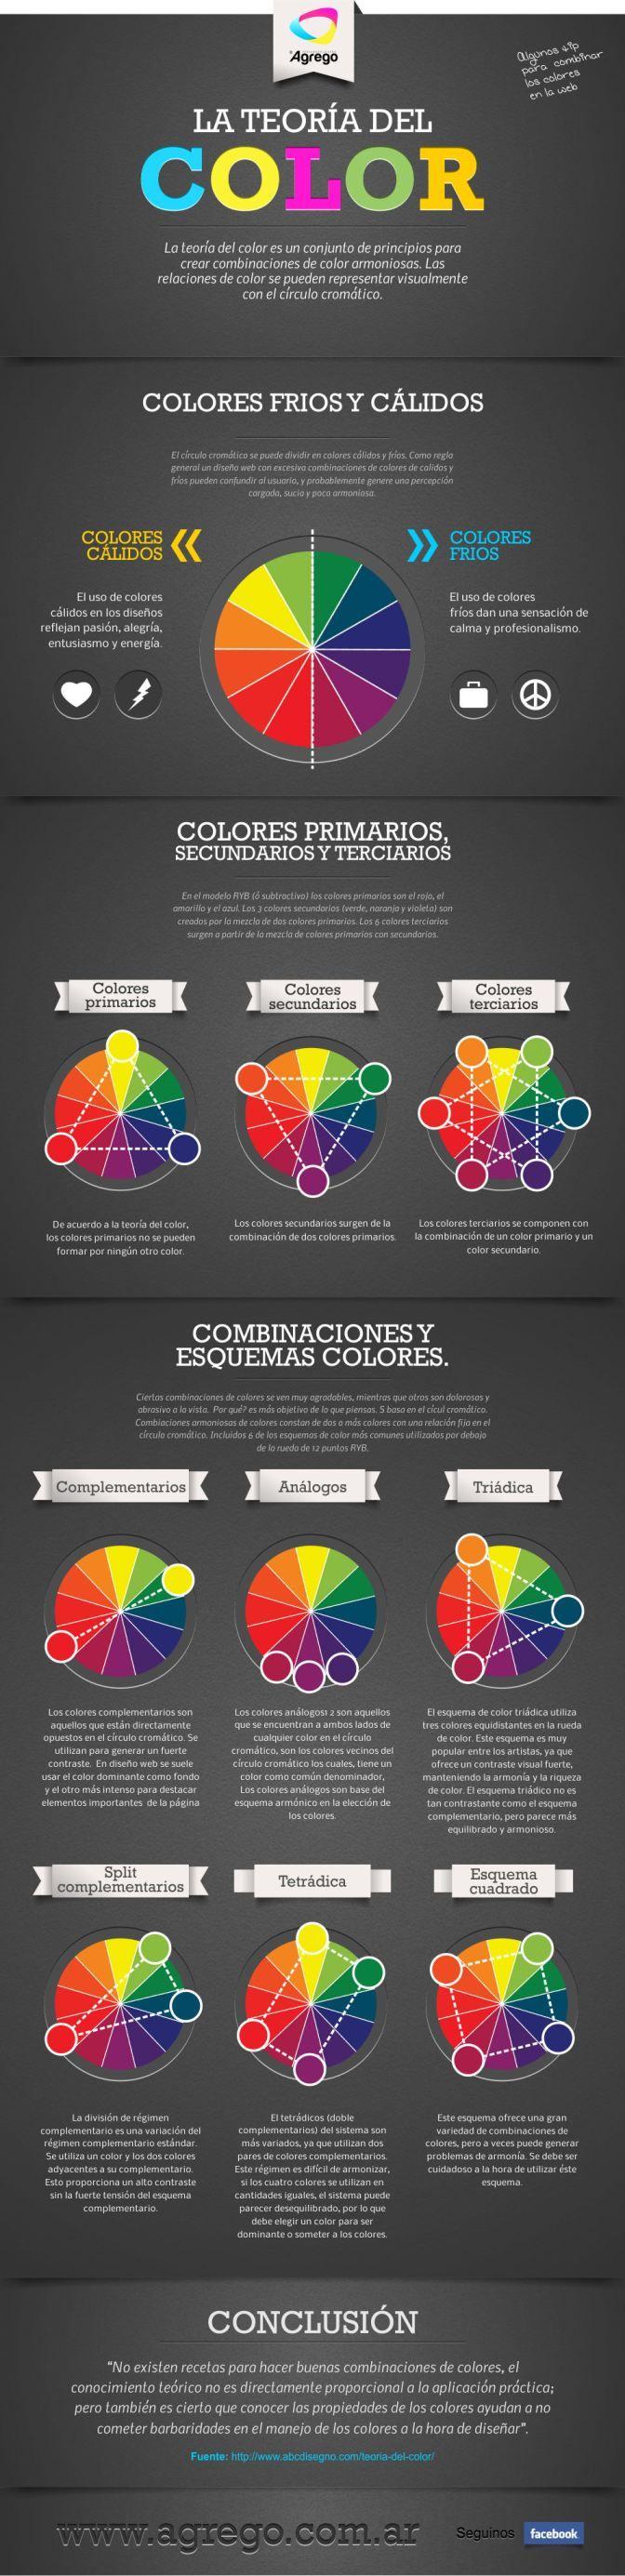 Cómo funciona el color. En la infografía podemos verificar qué aspectos determinan la teoría del color, tipos, combinaciones...etc.